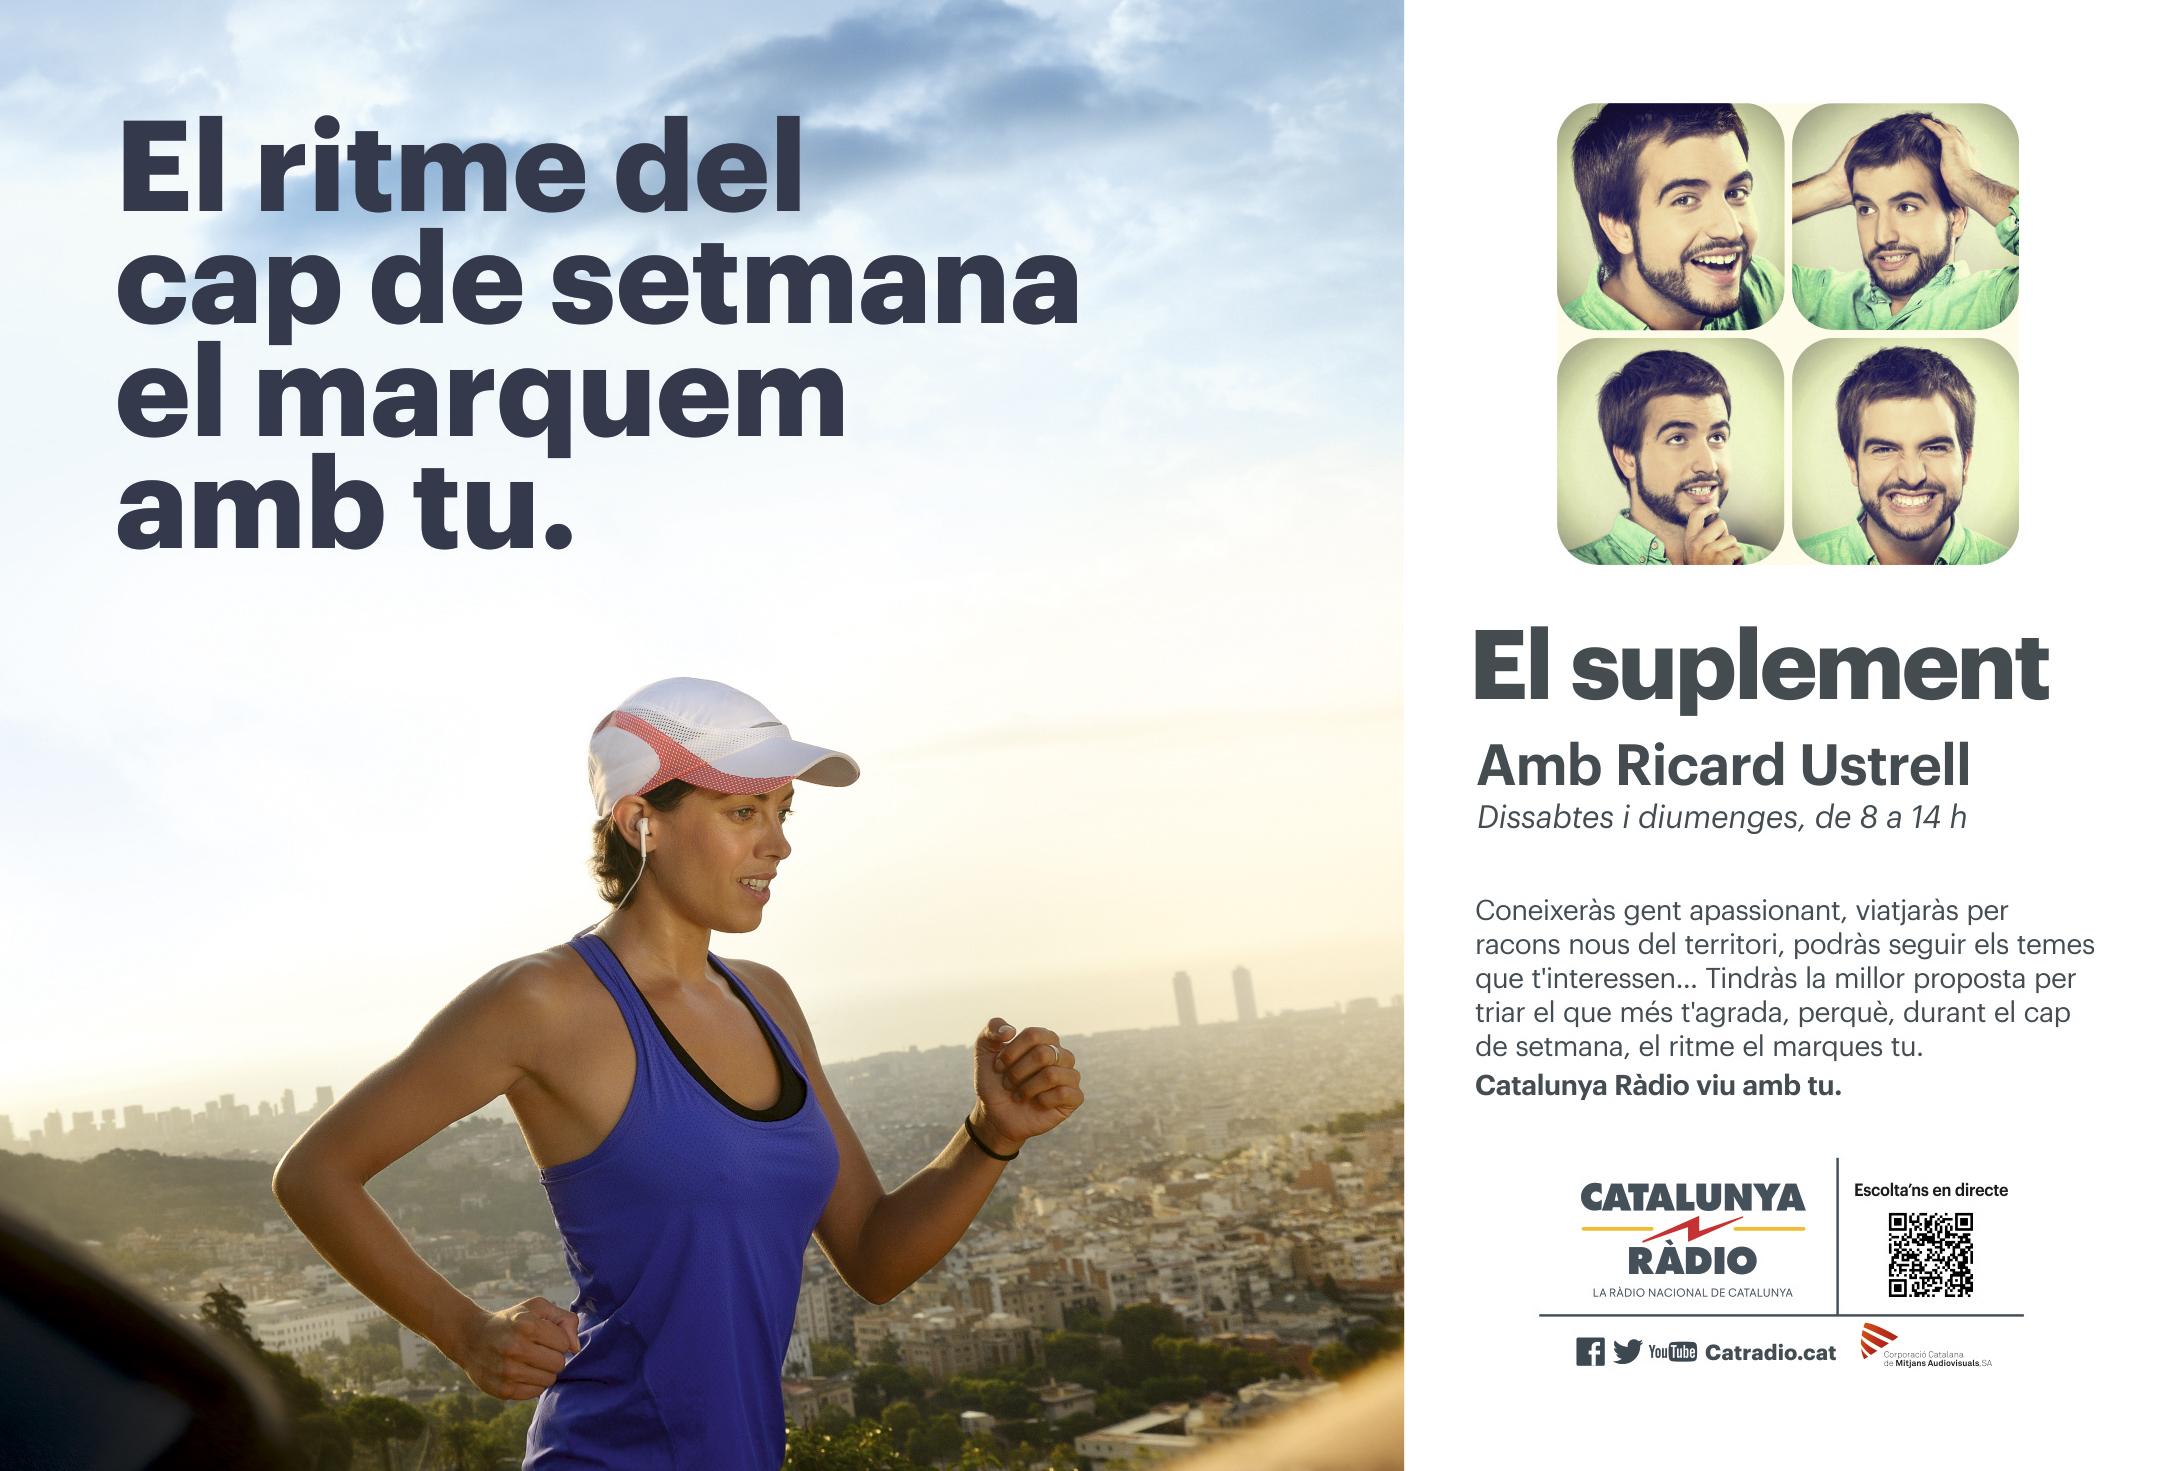 El-suplement_catalunya_radiojpg